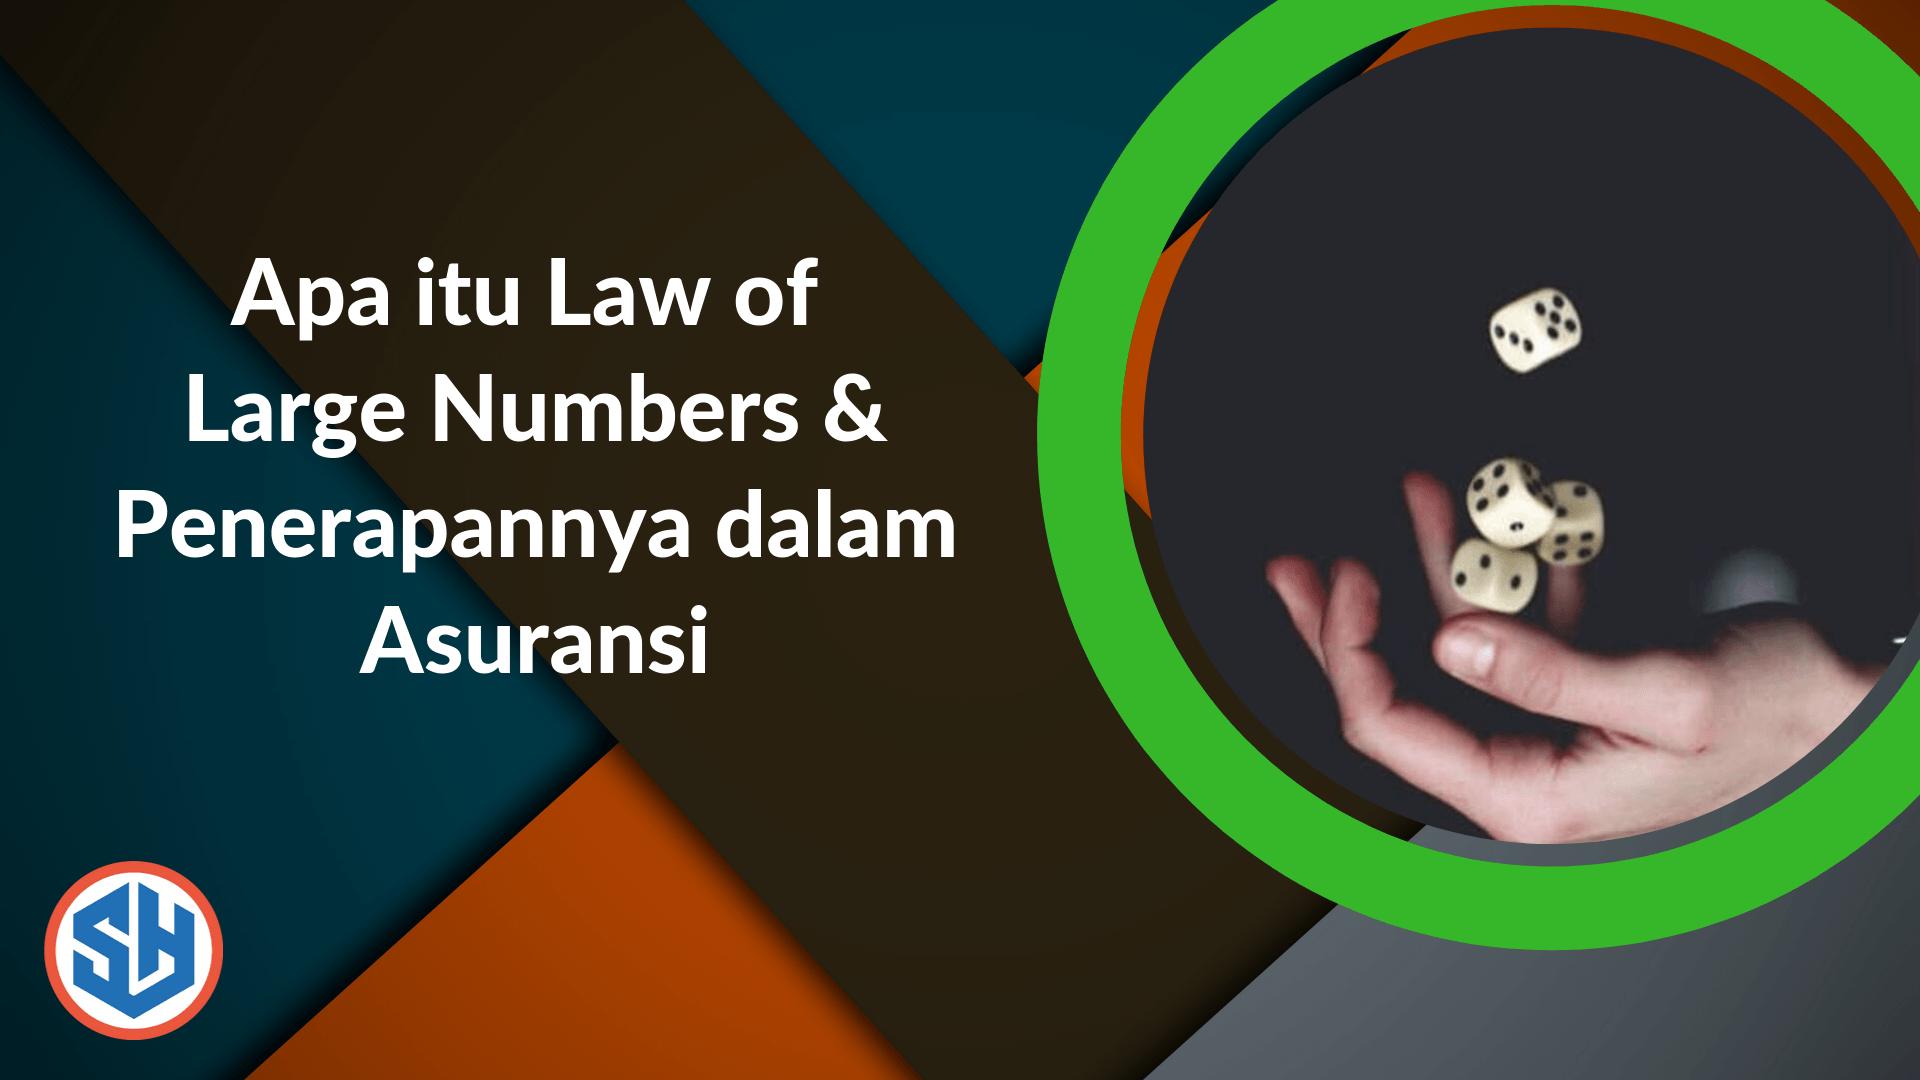 Apa itu Law of Large Numbers & Penerapannya dalam Asuransi ...